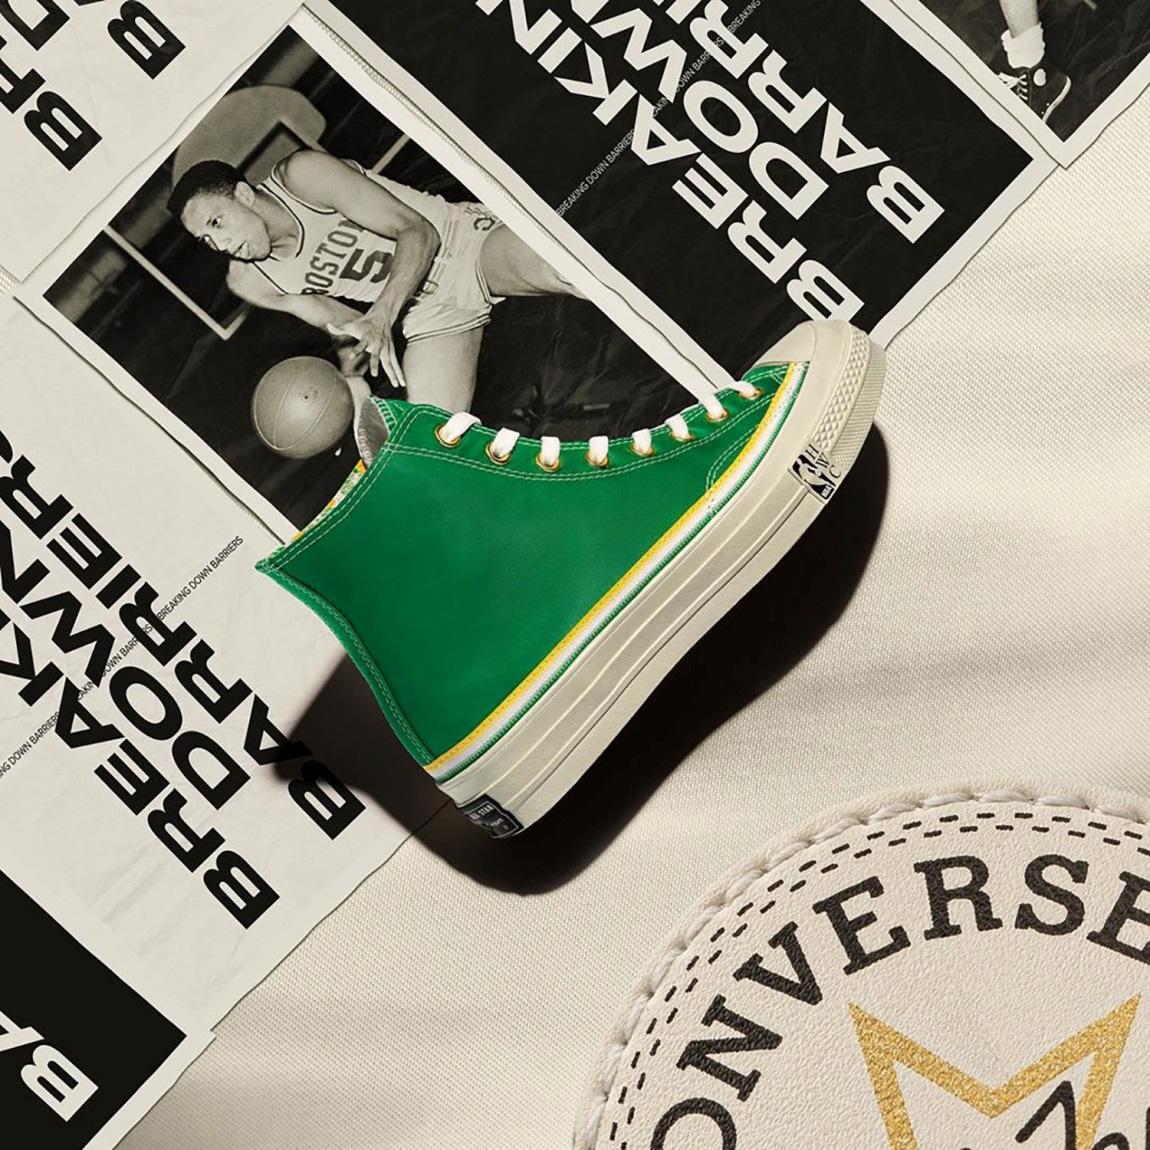 Converse và câu chuyện vinh danh những nhân vật huyền thoại của mùa giải NBA - Ảnh 7.